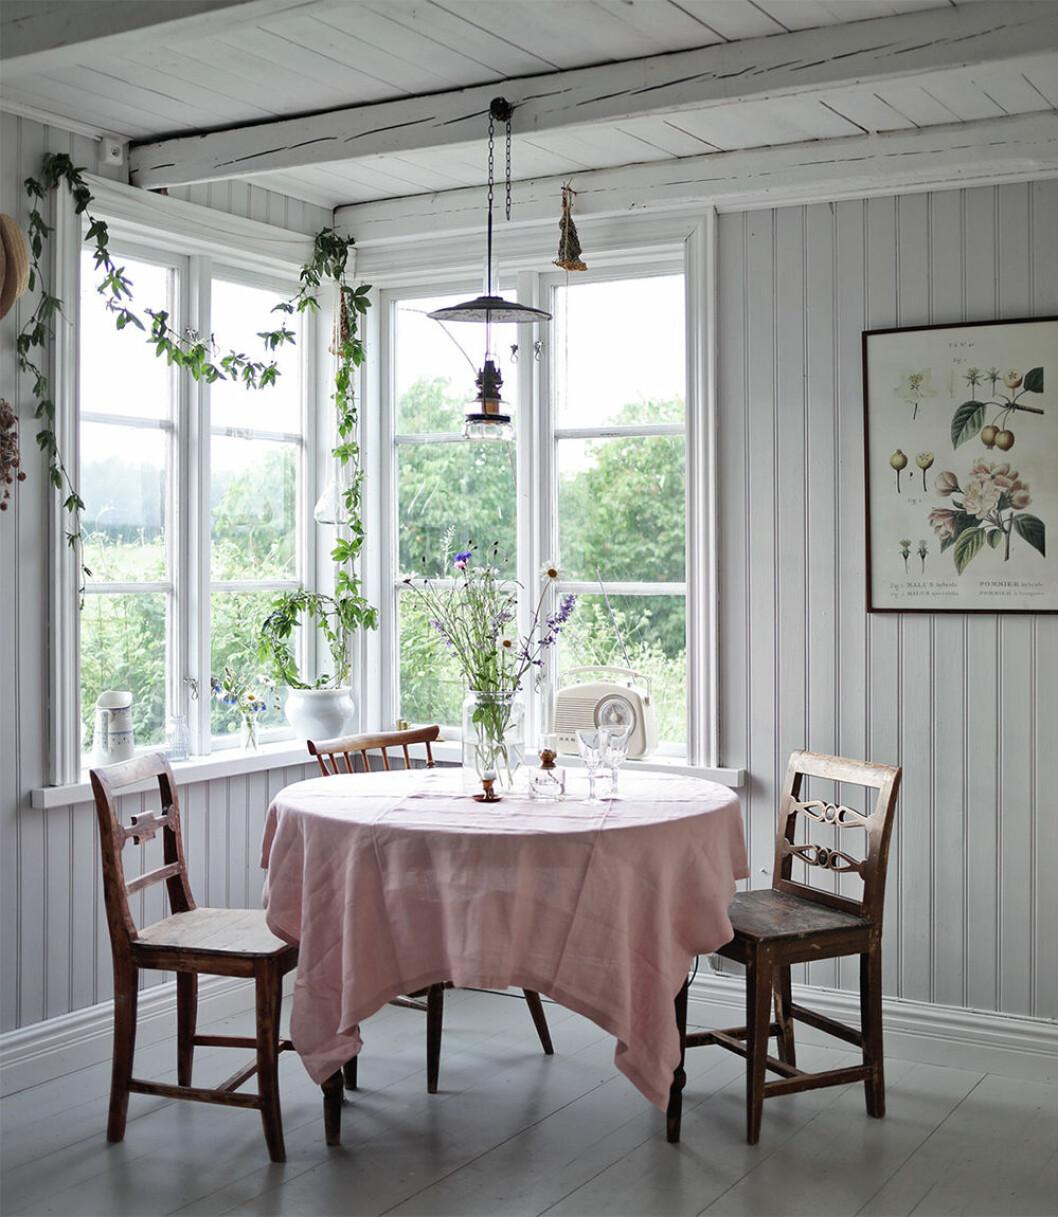 Matplats i sommarhus på Gotland